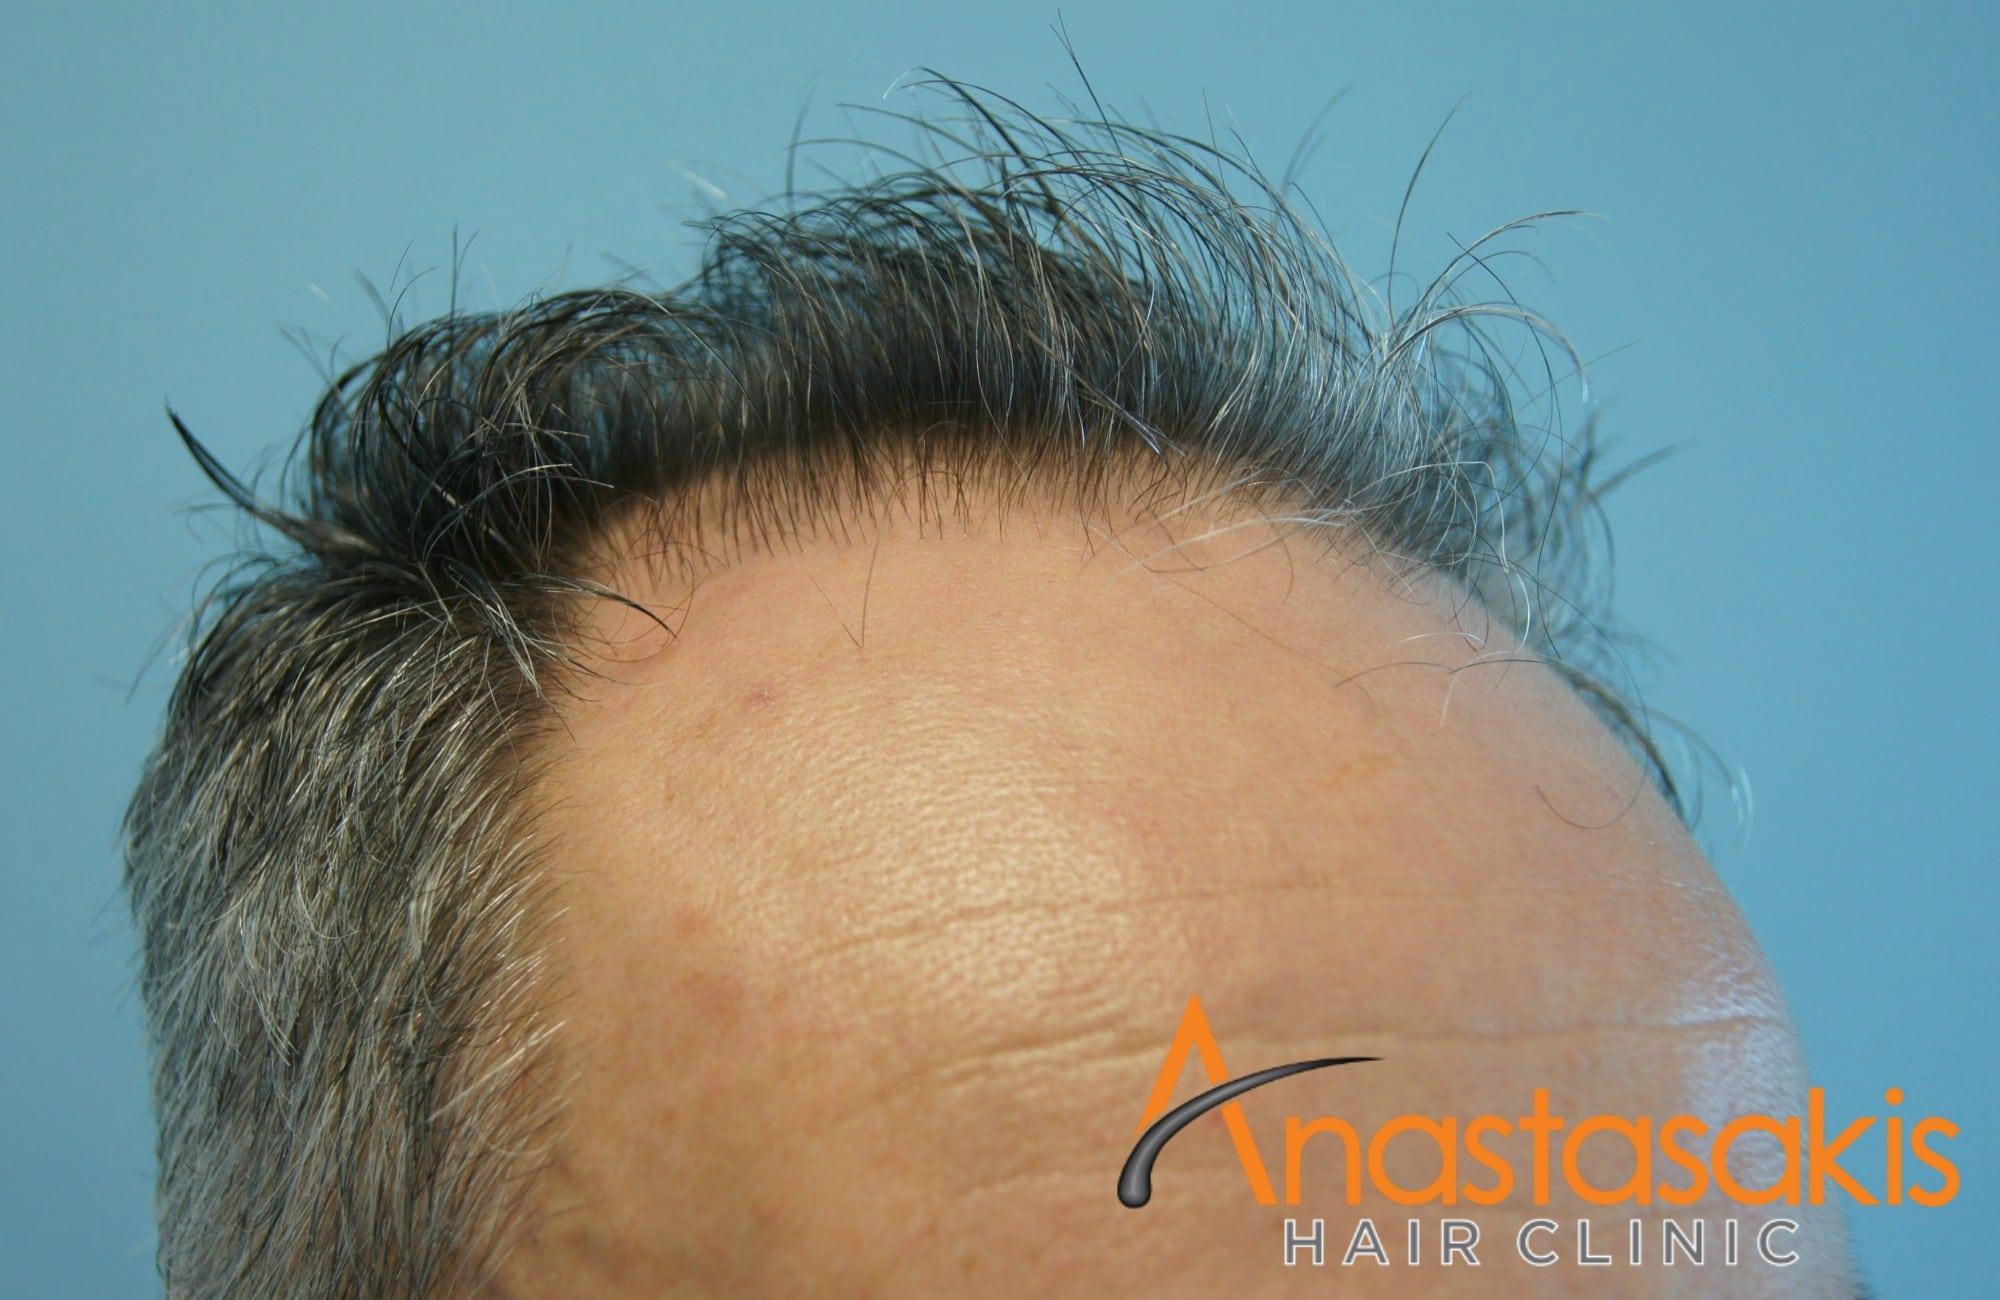 αριστερό προφίλ 2 ασθενους πριν τη μεταμόσχευσή μαλλιών με 3500 fus